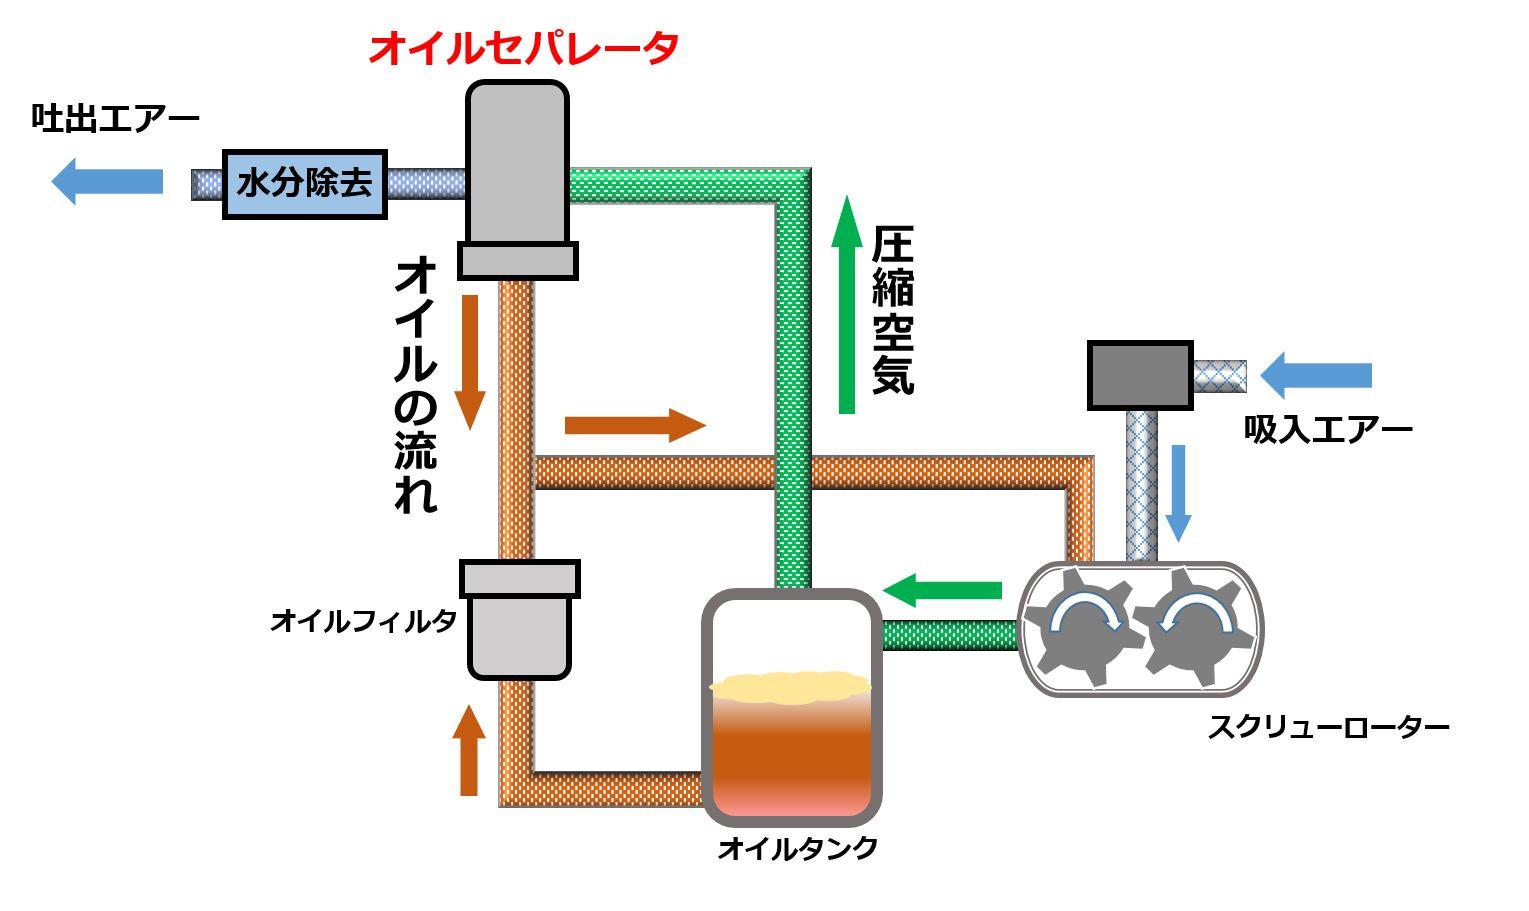 スクリューコンプレッサーの構造を簡易的に示した図